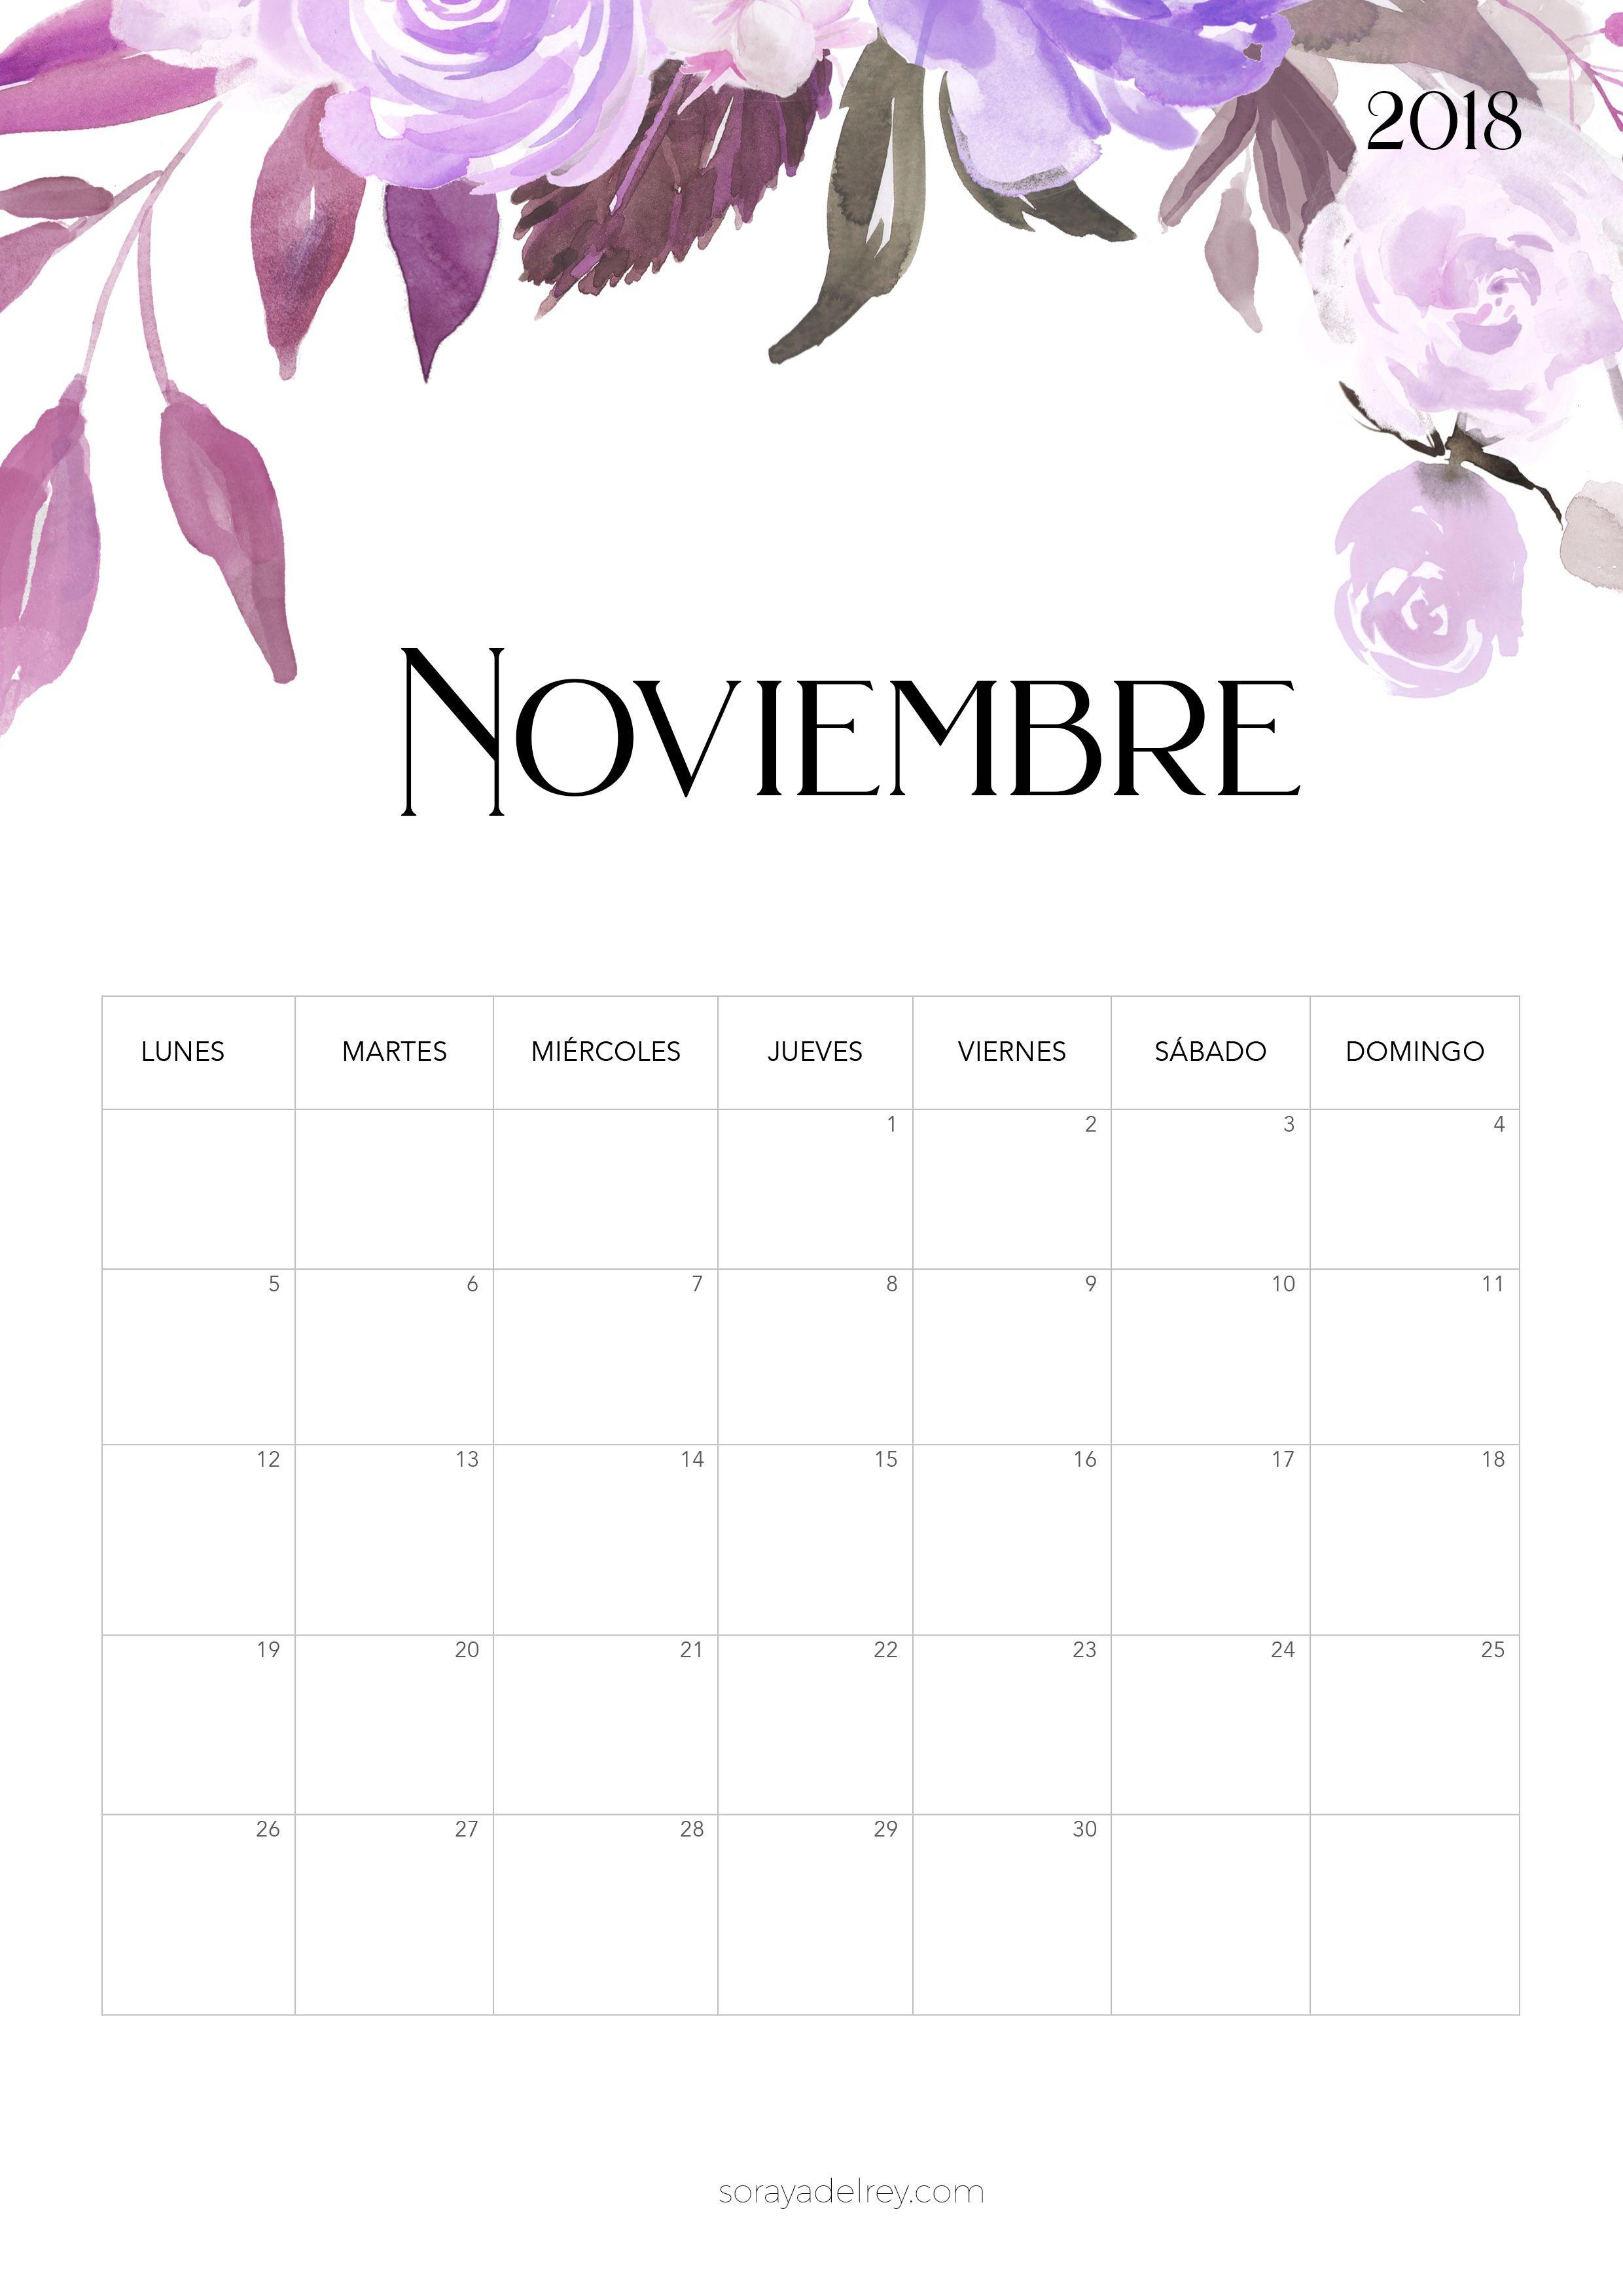 Calendario Para Imprimir 2017 Argentina Mejores Y Más Novedosos Calendario Para Imprimir 2018 2019 Planificadores Of Calendario Para Imprimir 2017 Argentina Más Arriba-a-fecha Mejores 101 Imágenes De Emprende Varios En Pinterest